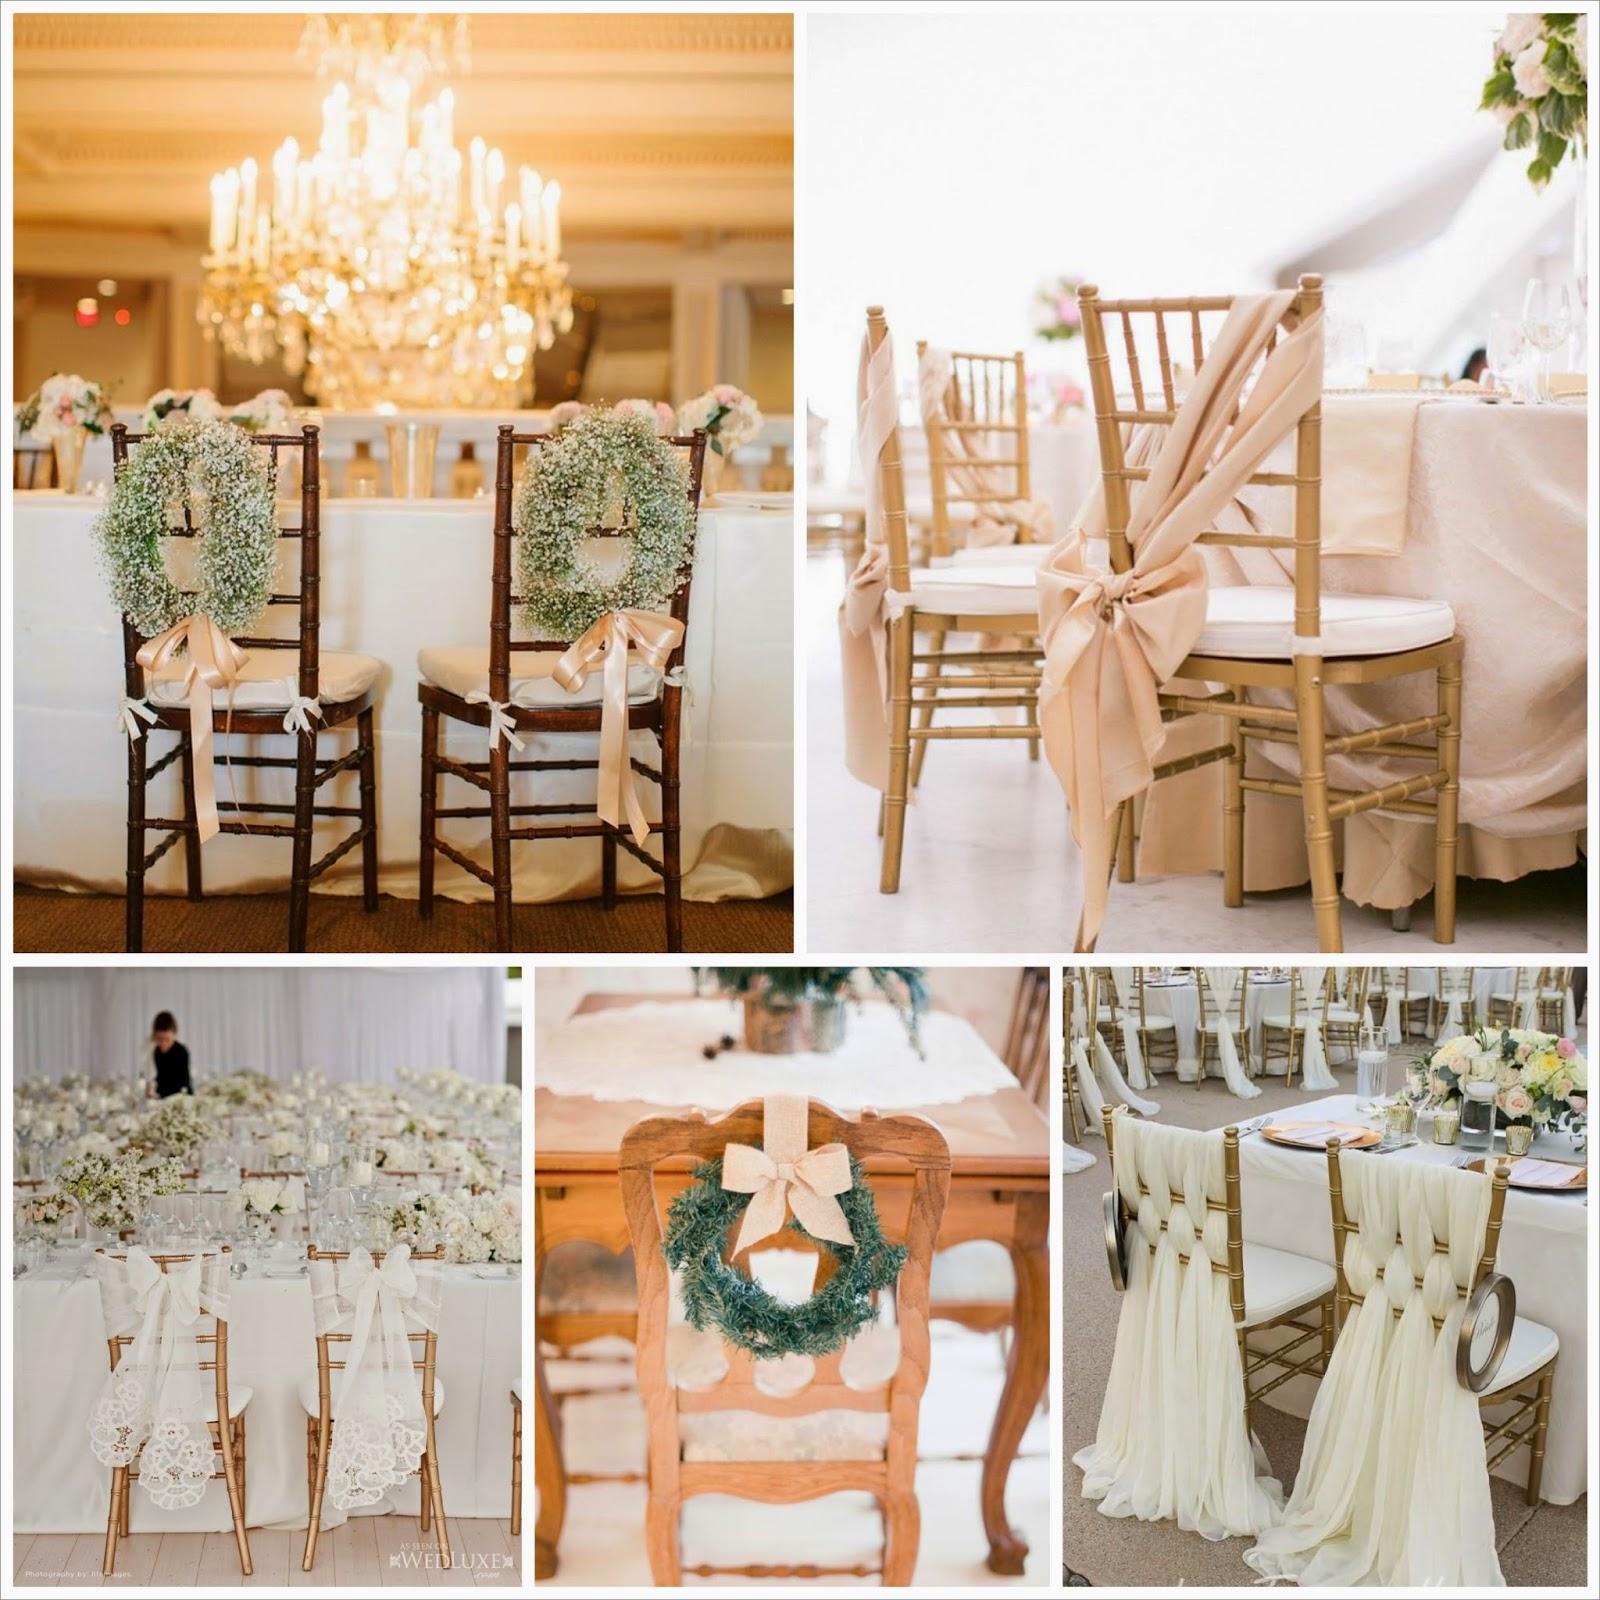 Blog de tu d a con amor invitaciones y detalles de boda for Detalles de decoracion